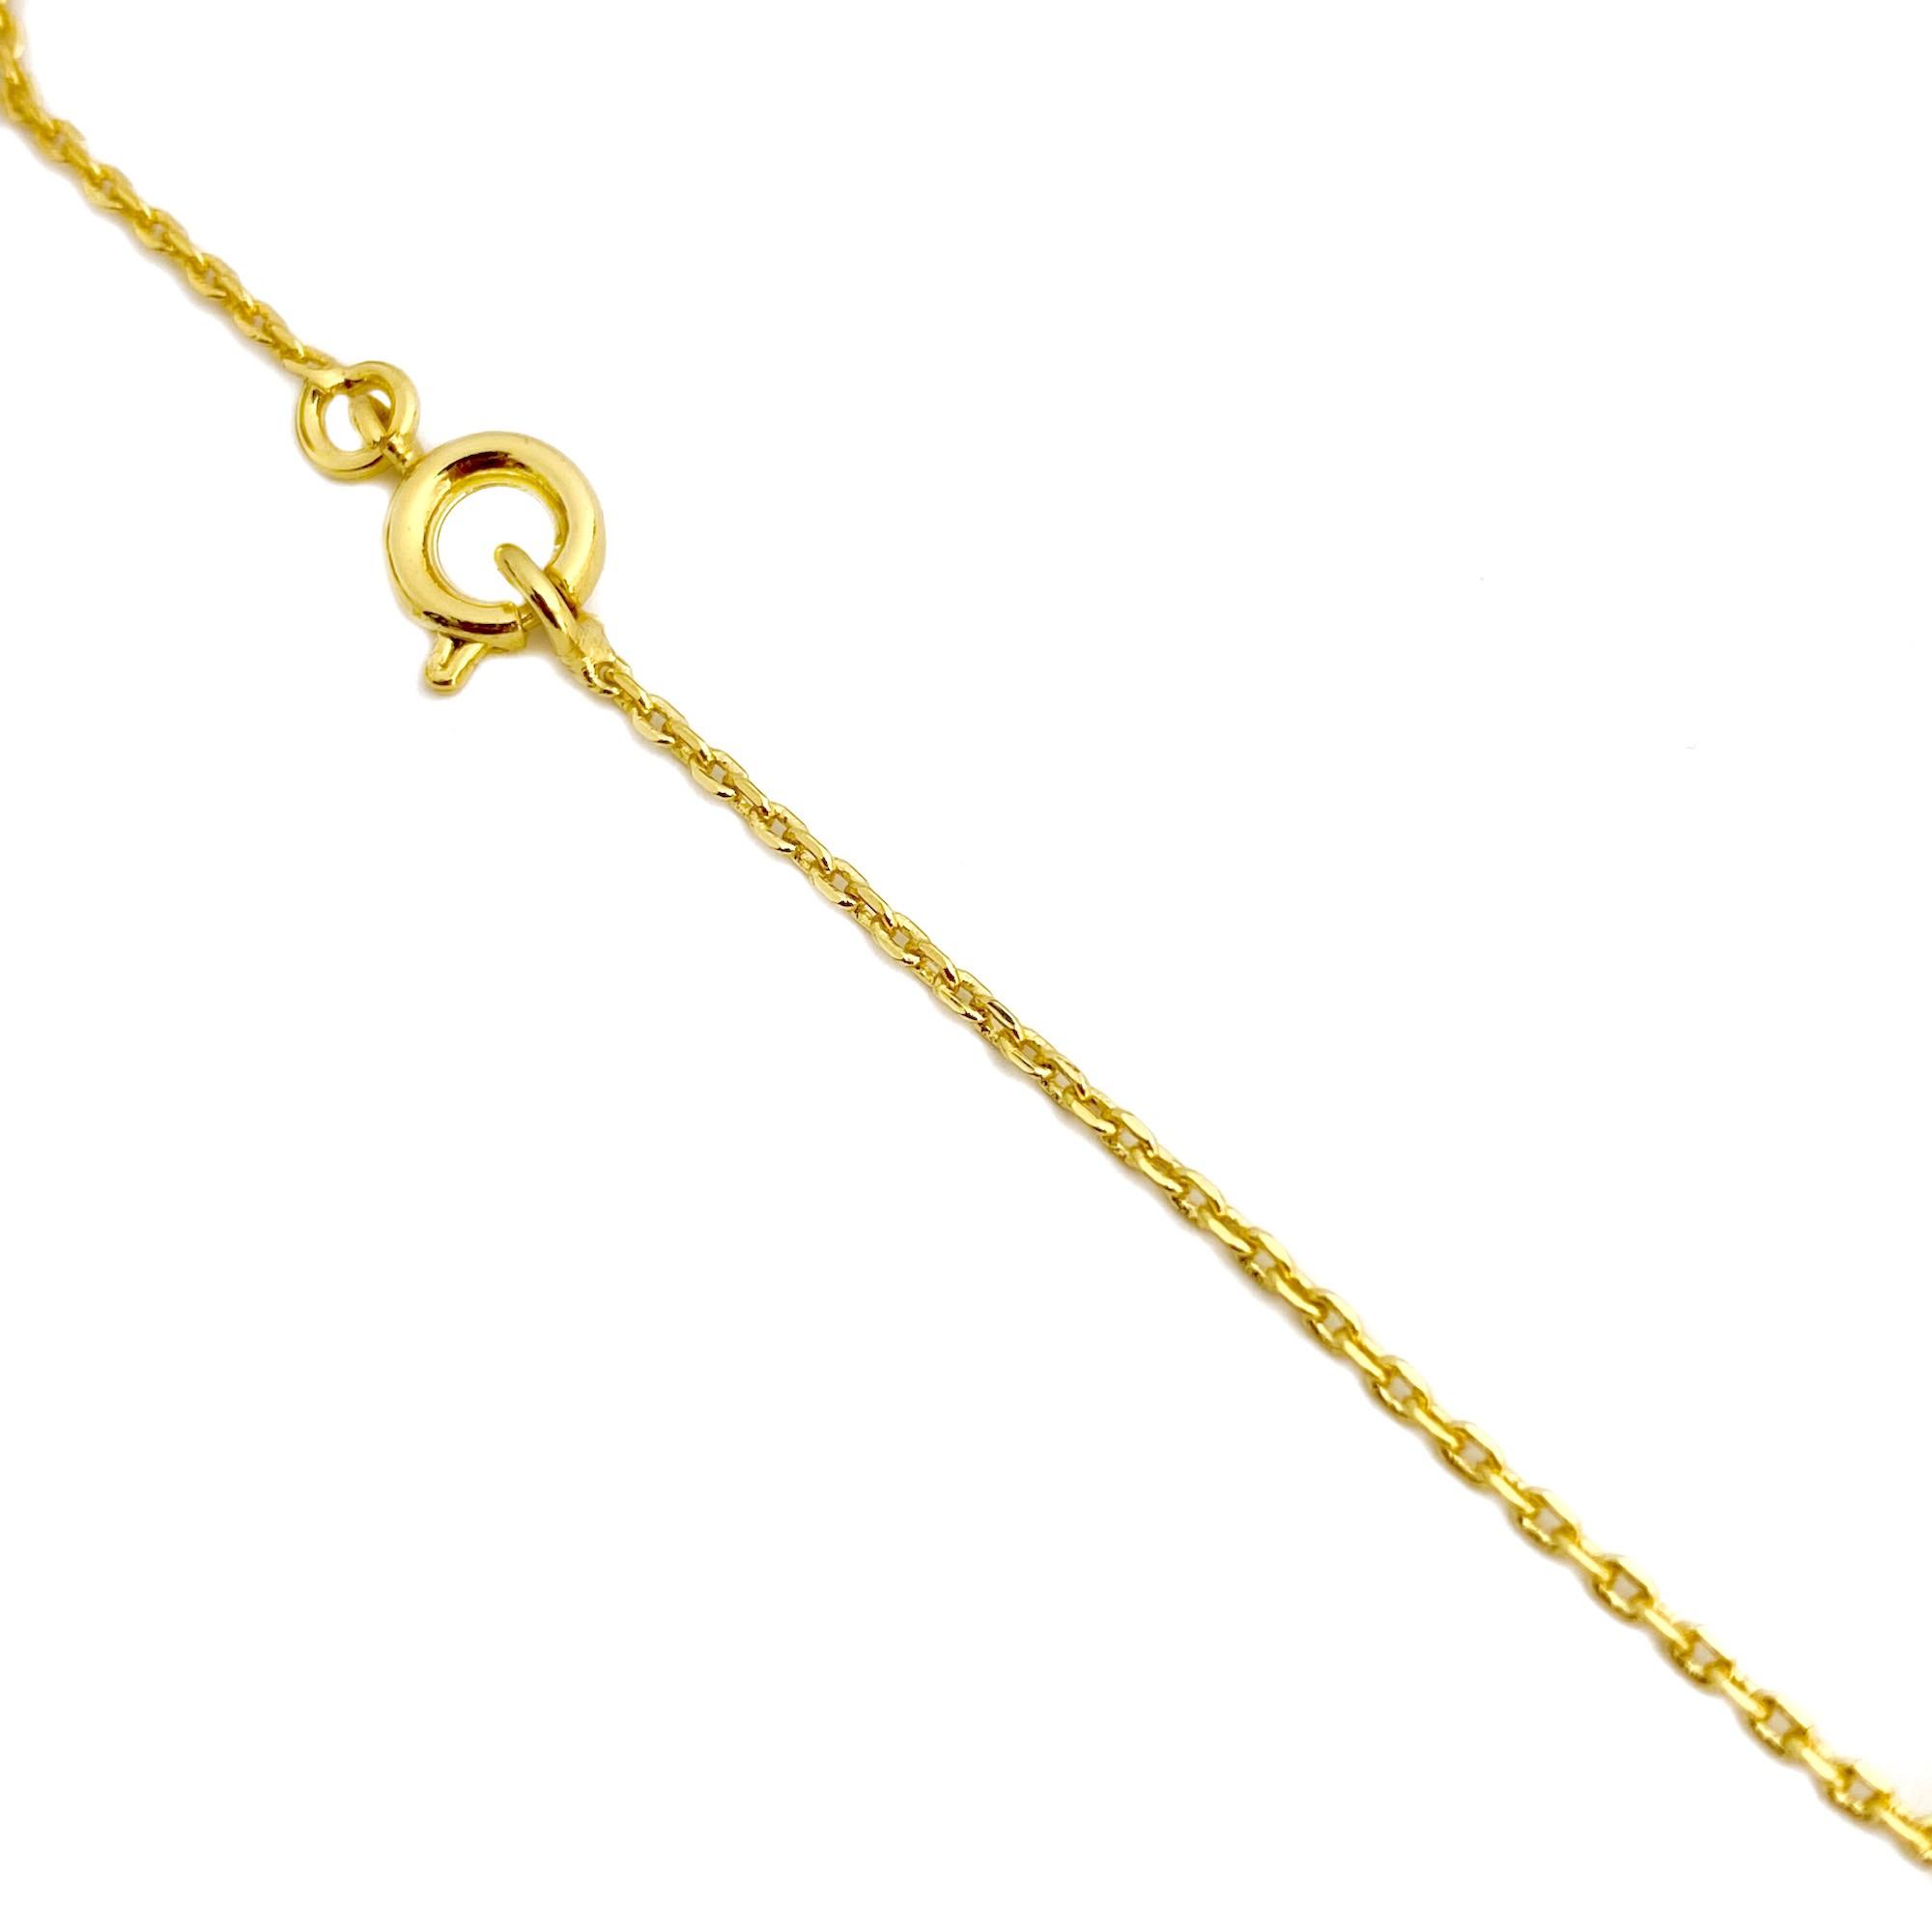 Corrente Carrier Cadeado 1,2mm 40cm (Fecho Tradicional) (Banho Ouro 24k)